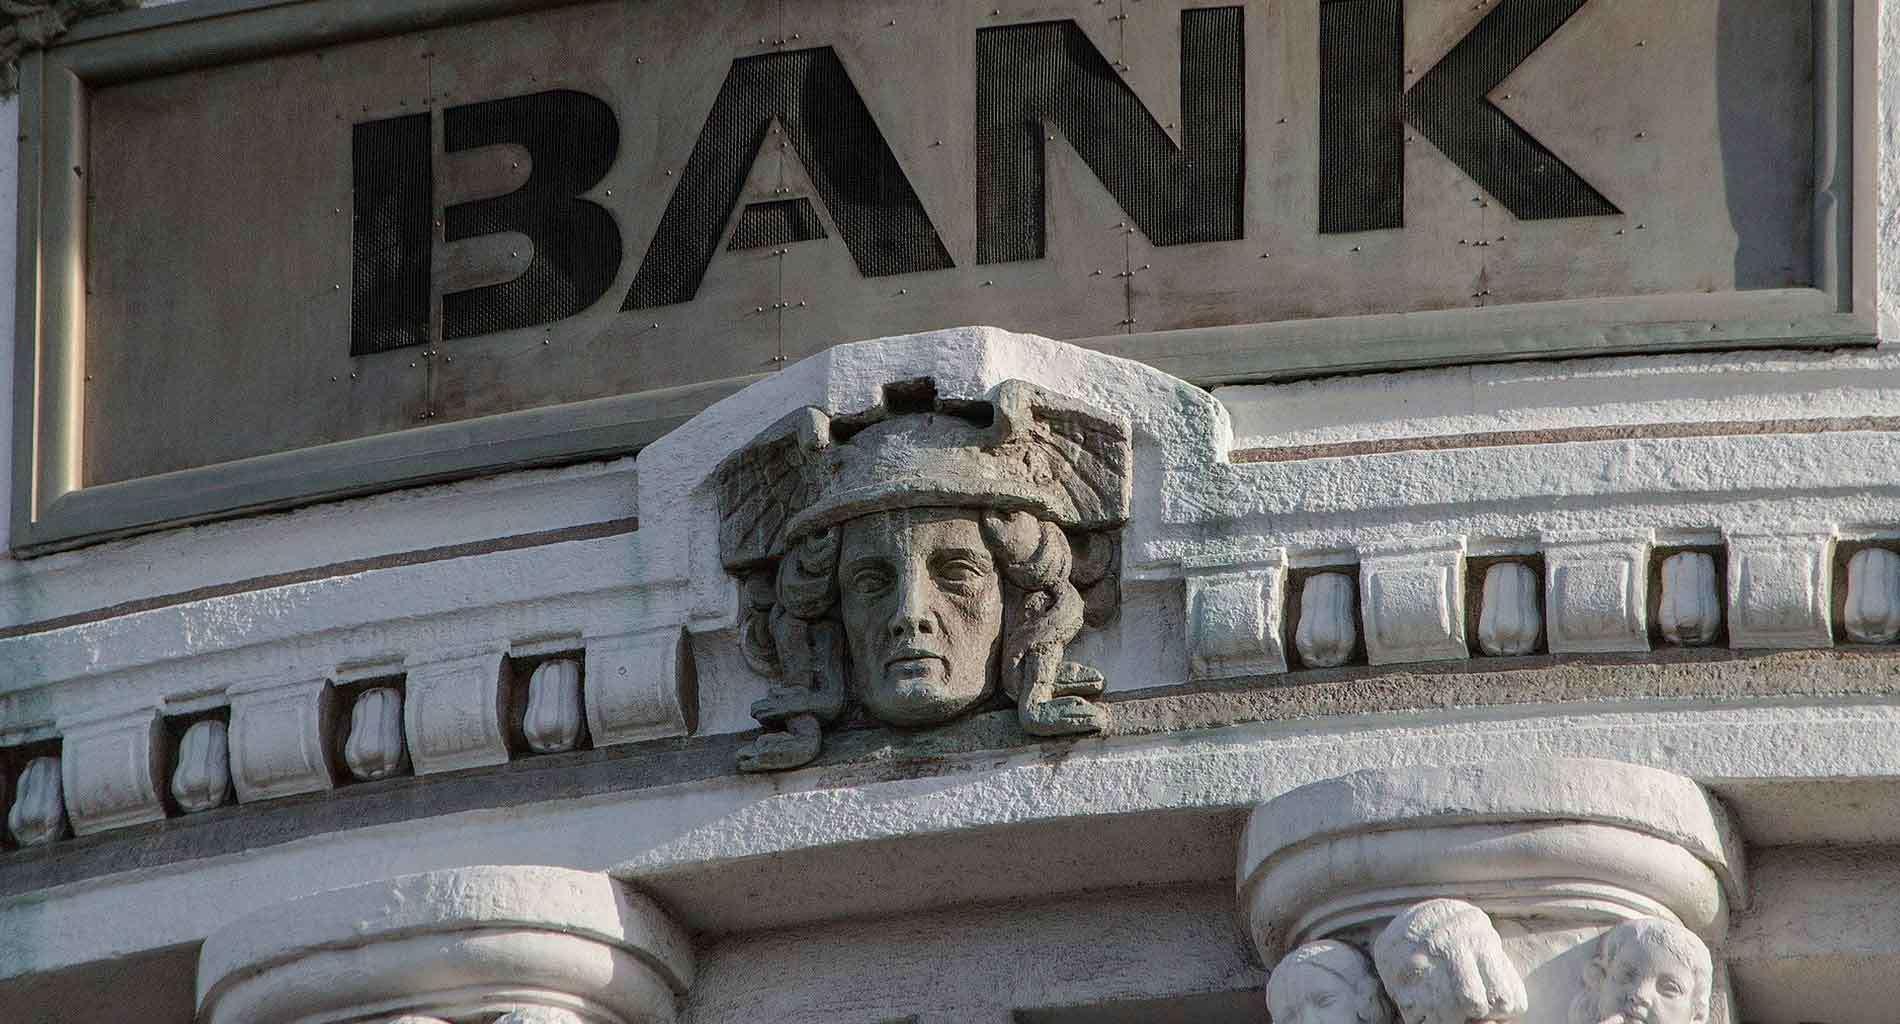 Saiba quais os códigos de todos os bancos do país